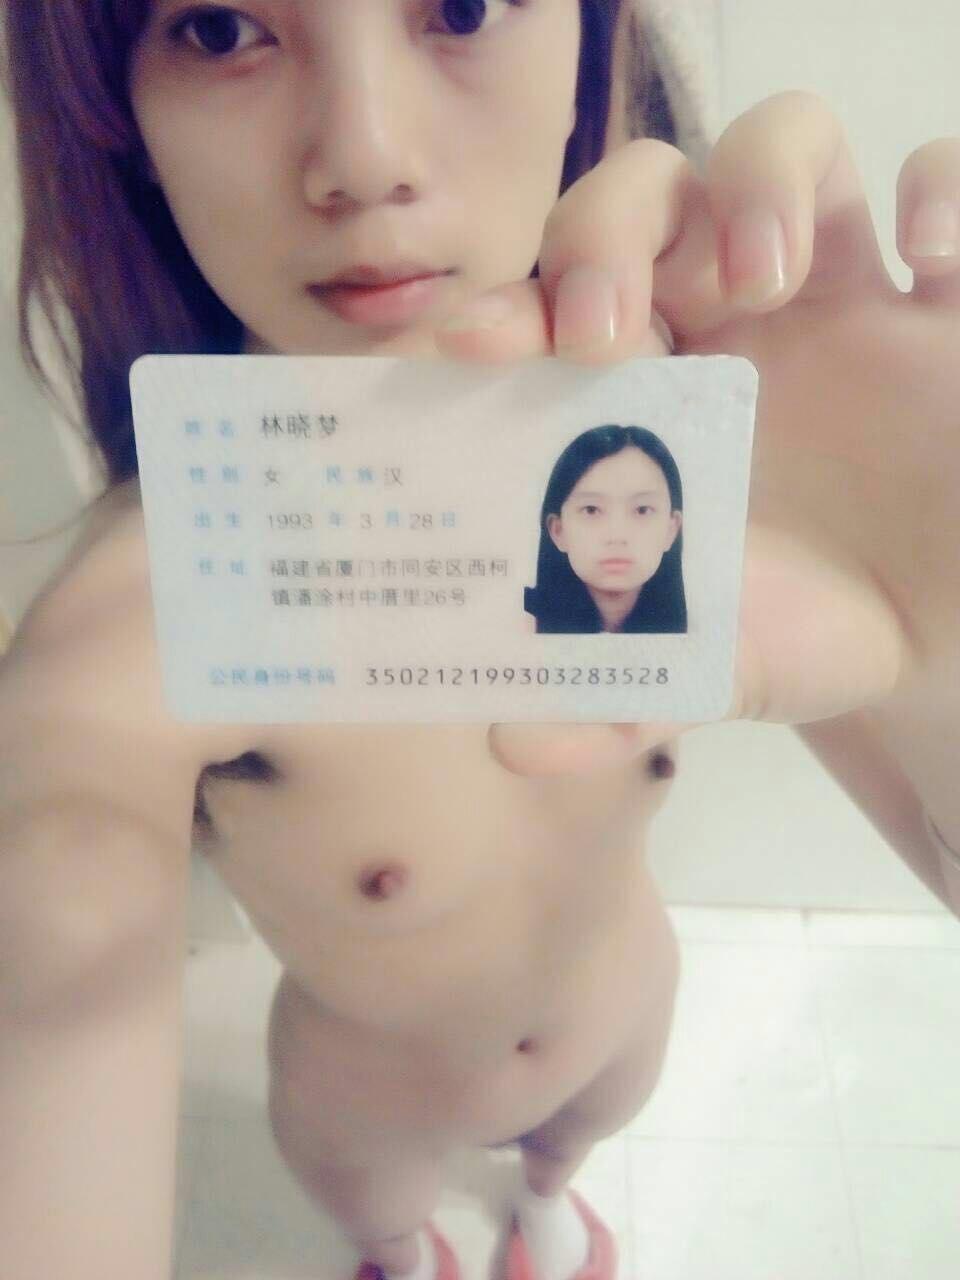 【エロ注意】借金の担保に全裸写真を撮られた女のオッパイwww巨乳から貧乳まで様々やなwwwwwwwww・7枚目